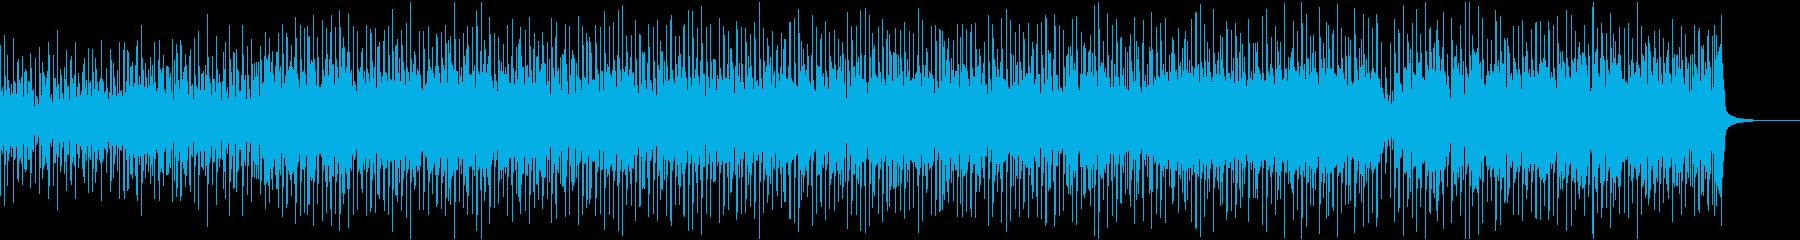 軽快なウクレレポップ曲の再生済みの波形